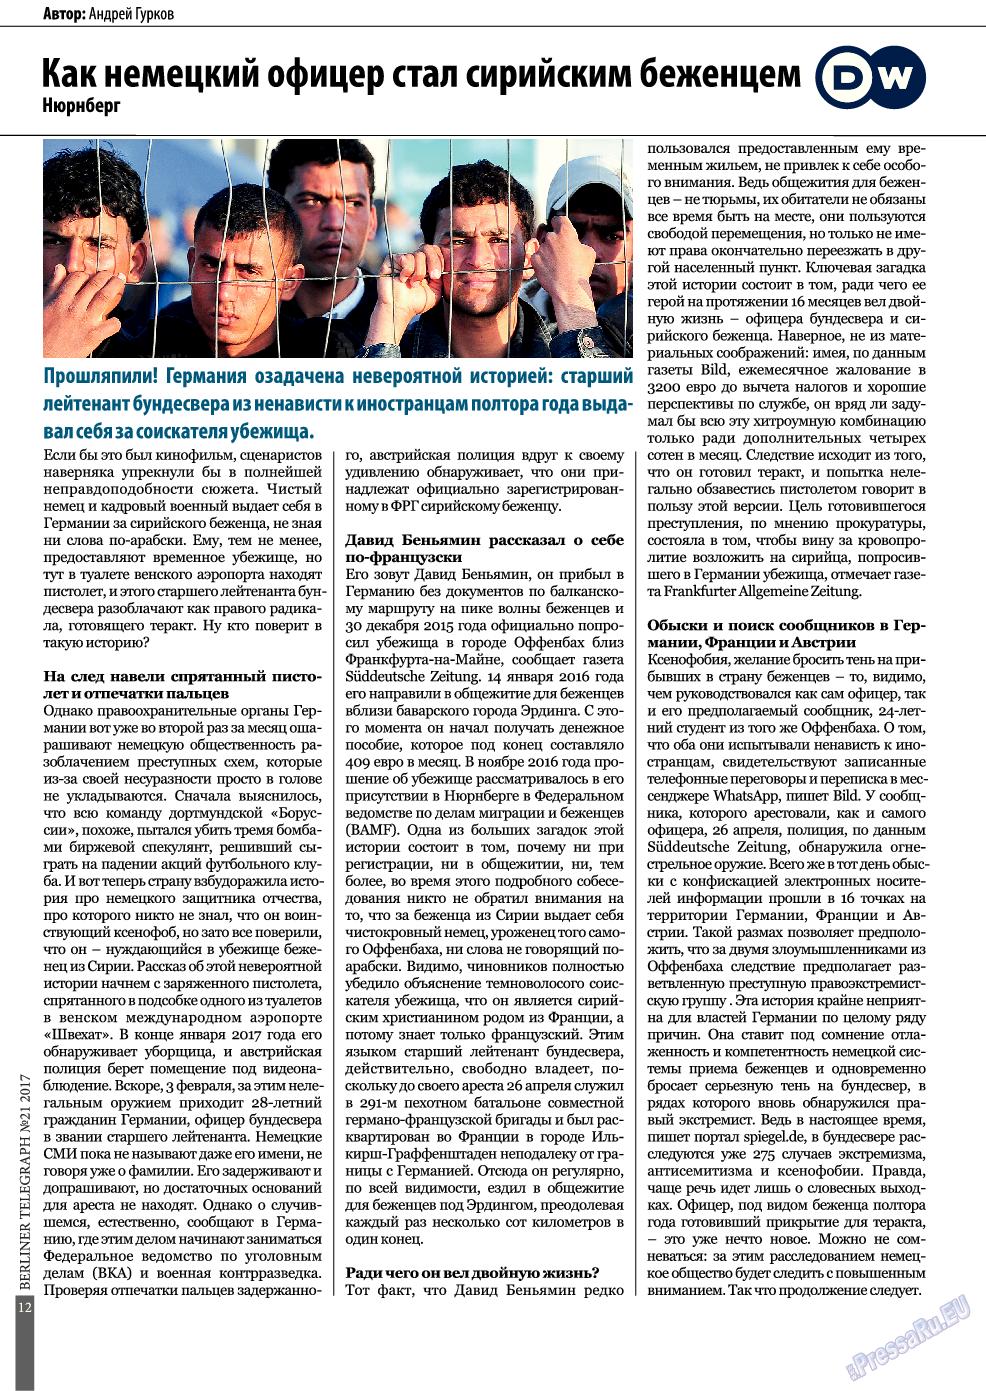 Берлинский телеграф (журнал). 2017 год, номер 21, стр. 12